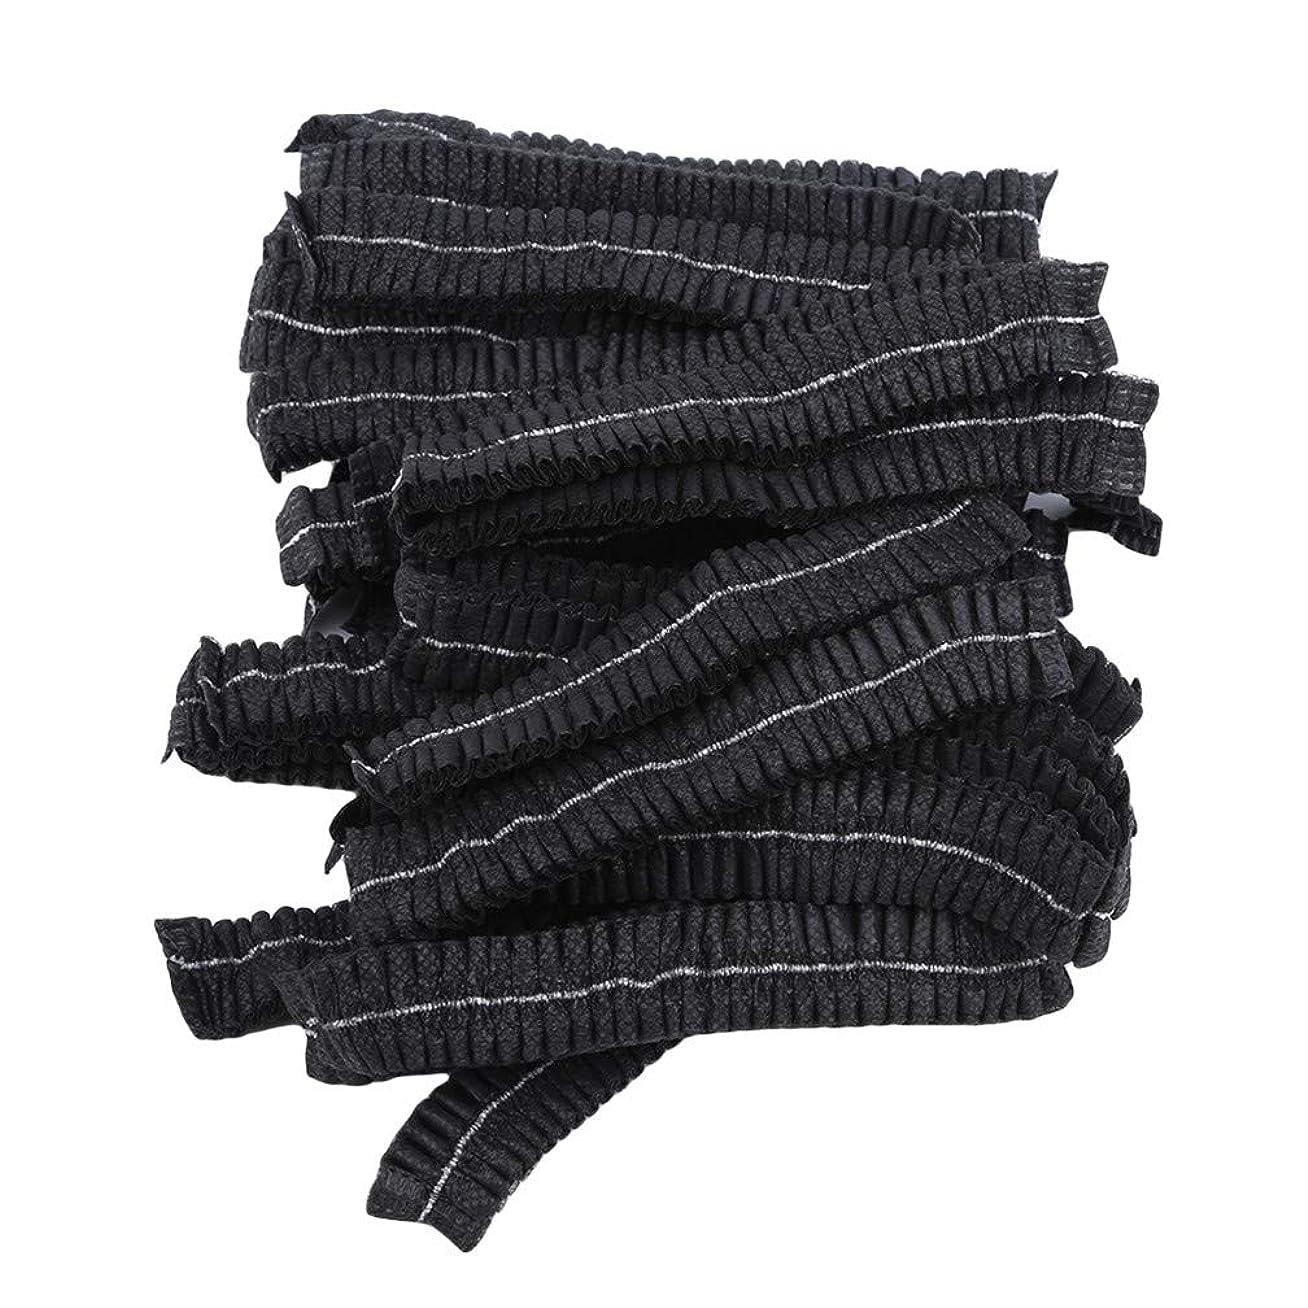 放棄フェロー諸島振る舞うLJSLYJ 100ピースマイクロブレードパーマネントメイクアップ使い捨てヘアネットキャップ滅菌帽子眉毛スタイリングツールアクセサリー、黒